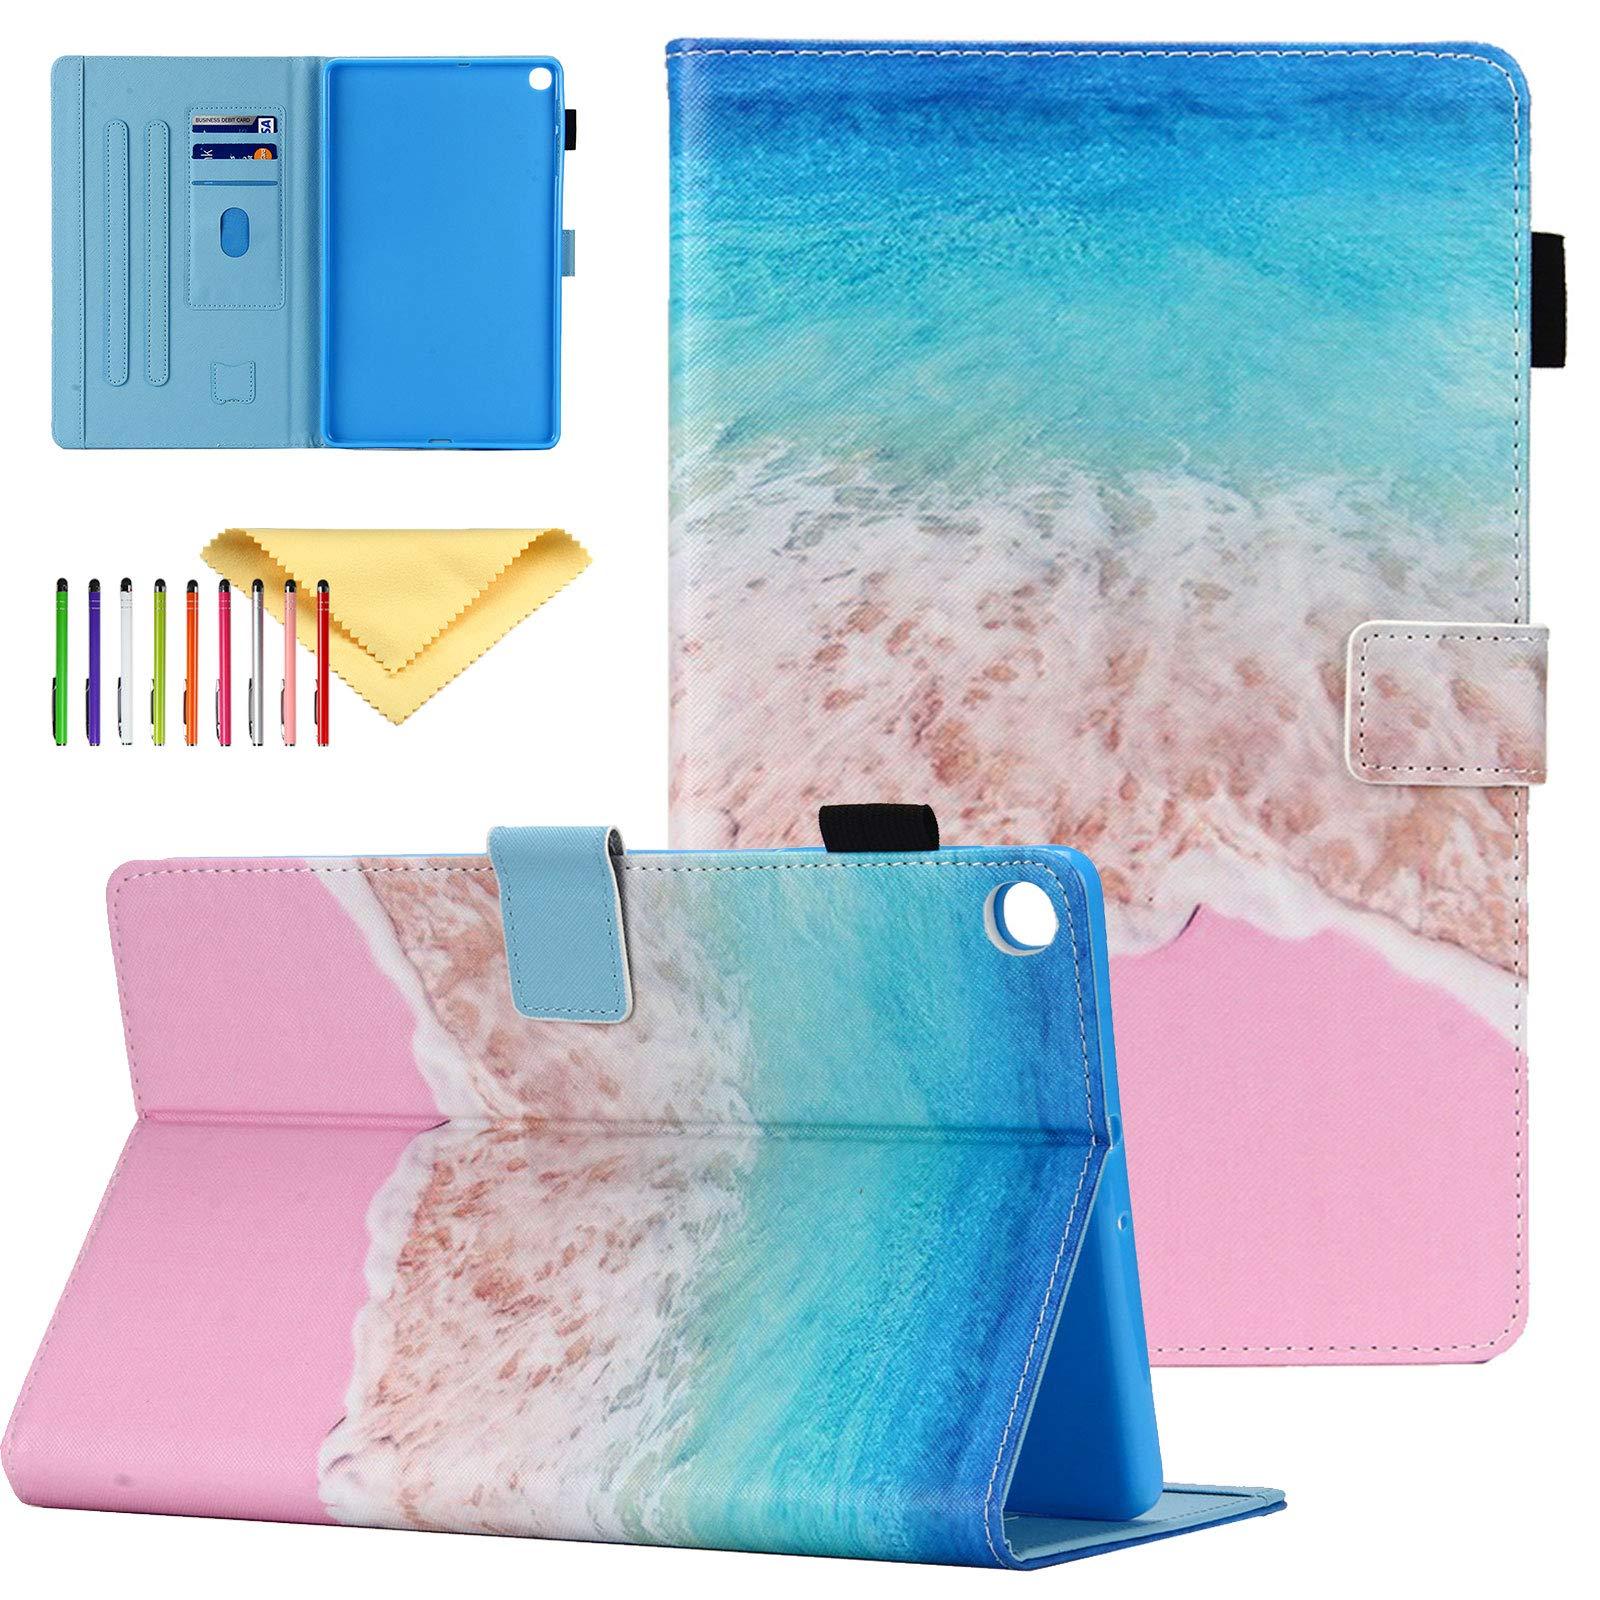 Funda Samsung Galaxy Tab A 10.1 SM-T510 (2019) COOKK [7V7FFHTW]